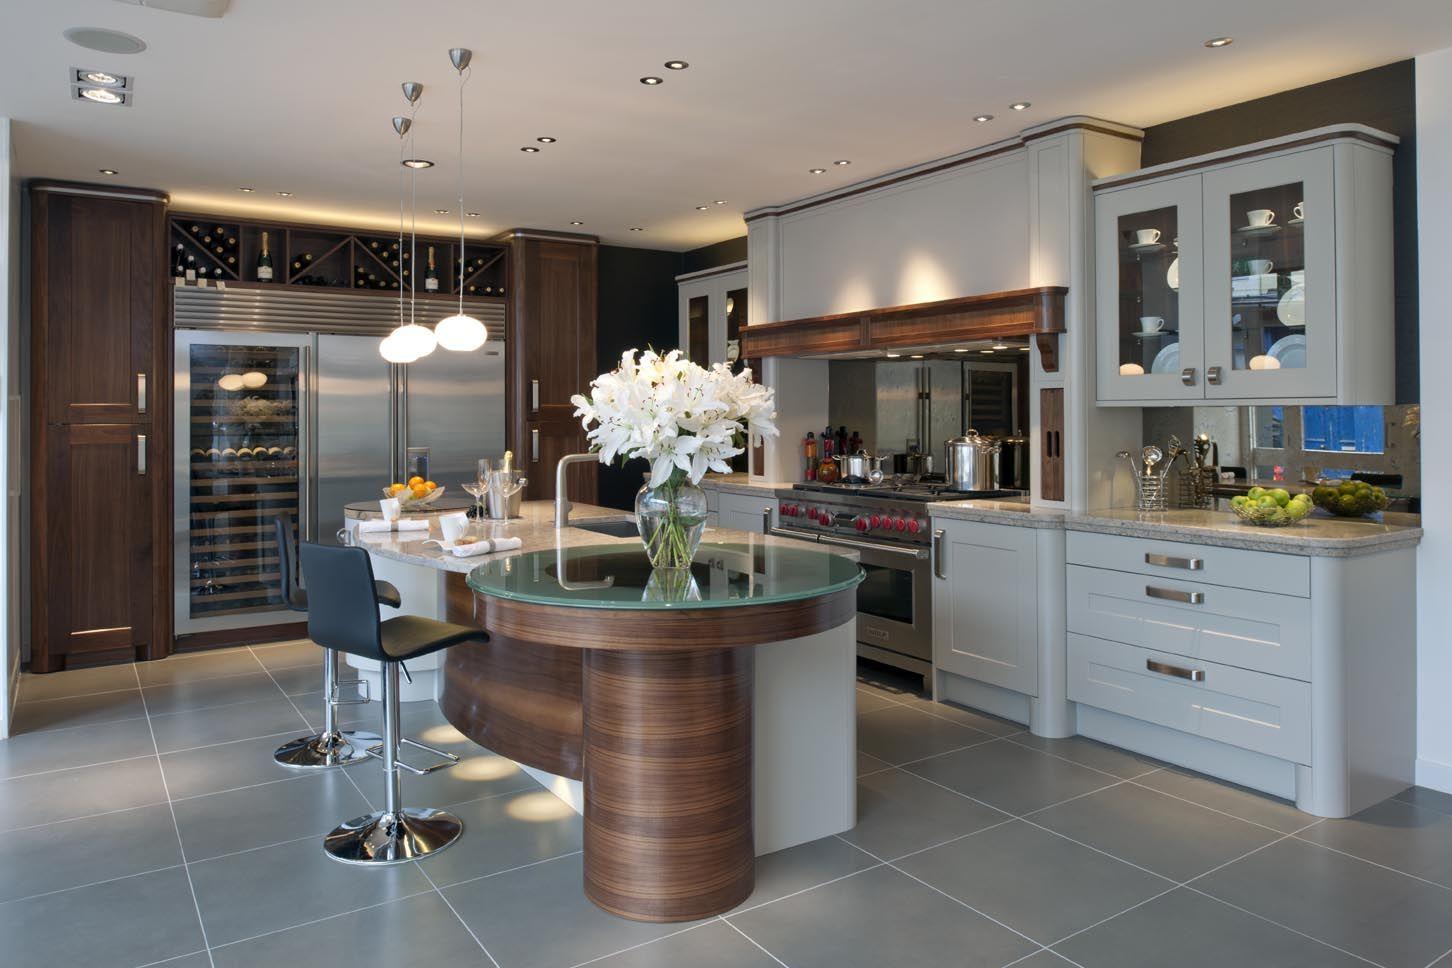 Cozinha Contempor Nea Com Ilha Redonda Com Tampo De Vidro Cozinhas